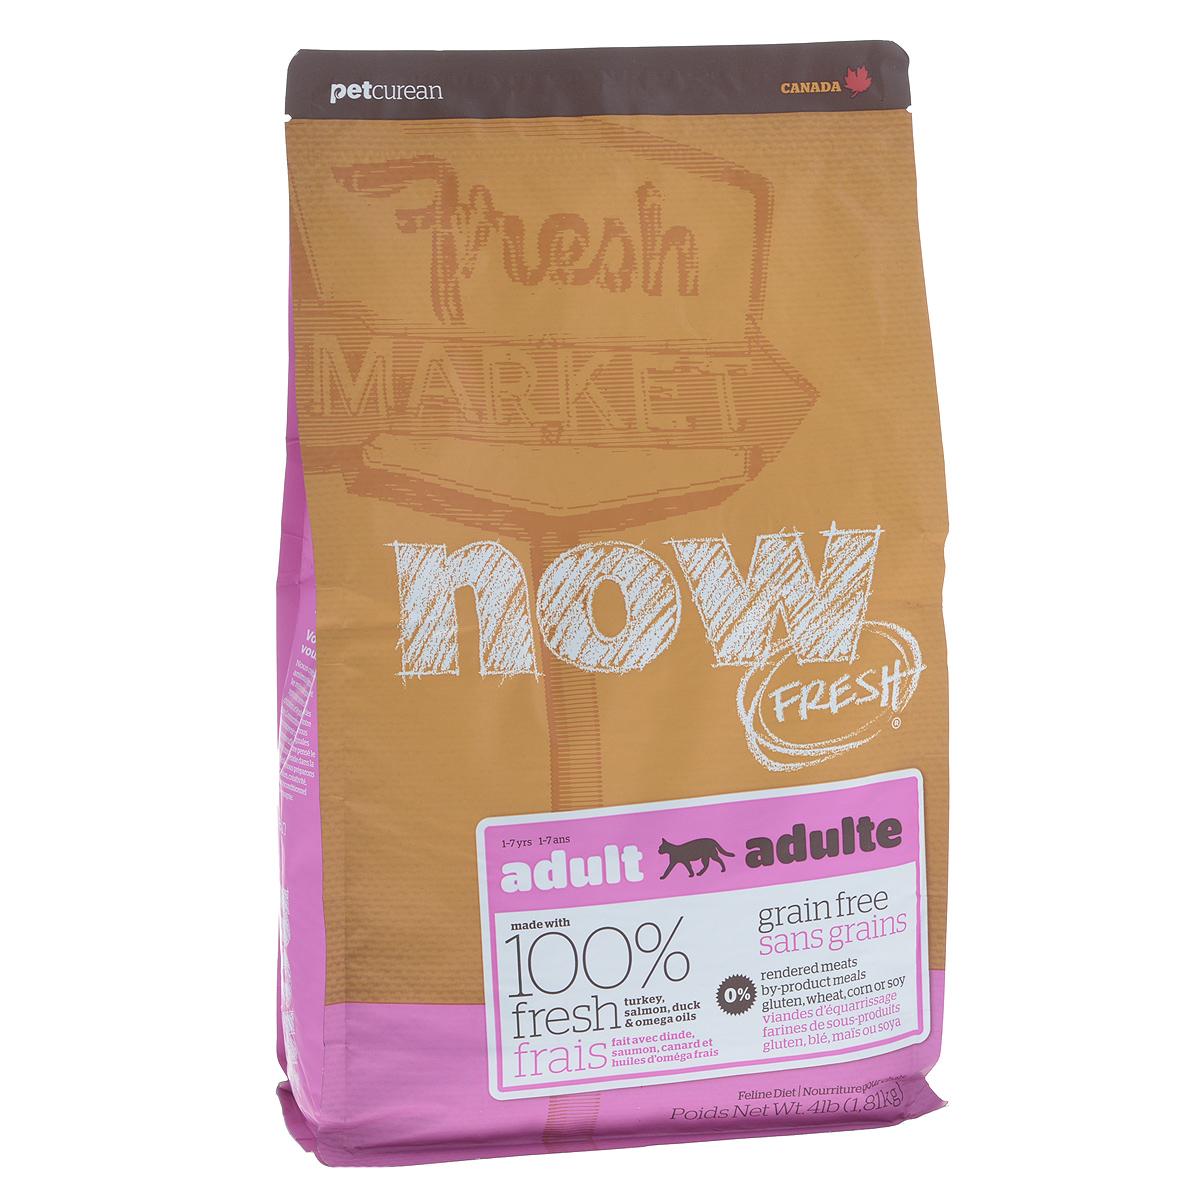 Корм сухой Now Fresh для взрослых кошек, беззерновой, с индейкой, уткой и овощами, 1,81 кг20042Now Fresh - полностью сбалансированный холистик корм из свежего филе индейки и утки, выращенных на канадских фермах. Рекомендован для малых пород всех возрастов: для щенков, для взрослых и для активных собак, и для пожилых собак. При производстве кормов используется только свежее мясо индейки, утки, лосося, кокосовое и рапсовое масло. Это первый беззерновой корм со сбалансированным содержание белков и жиров. Ключевые преимущества: - полностью беззерновой, - не содержит субпродуктов, красителей, говядины, мясных ингредиентов, выращенных на гормонах, - оптимальное соотношение белков и жиров помогает кошек оставаться здоровым и сохранять отличную форму, - докозагексаеновая кислота (DHA) и эйкозапентаеновая кислота (EPA) необходима для нормальной деятельности мозга и здорового зрения, - пробиотики и пребиотики обеспечивают здоровое пищеварение, - таурин необходим для здоровья глаз и нормального функционирования сердечной...